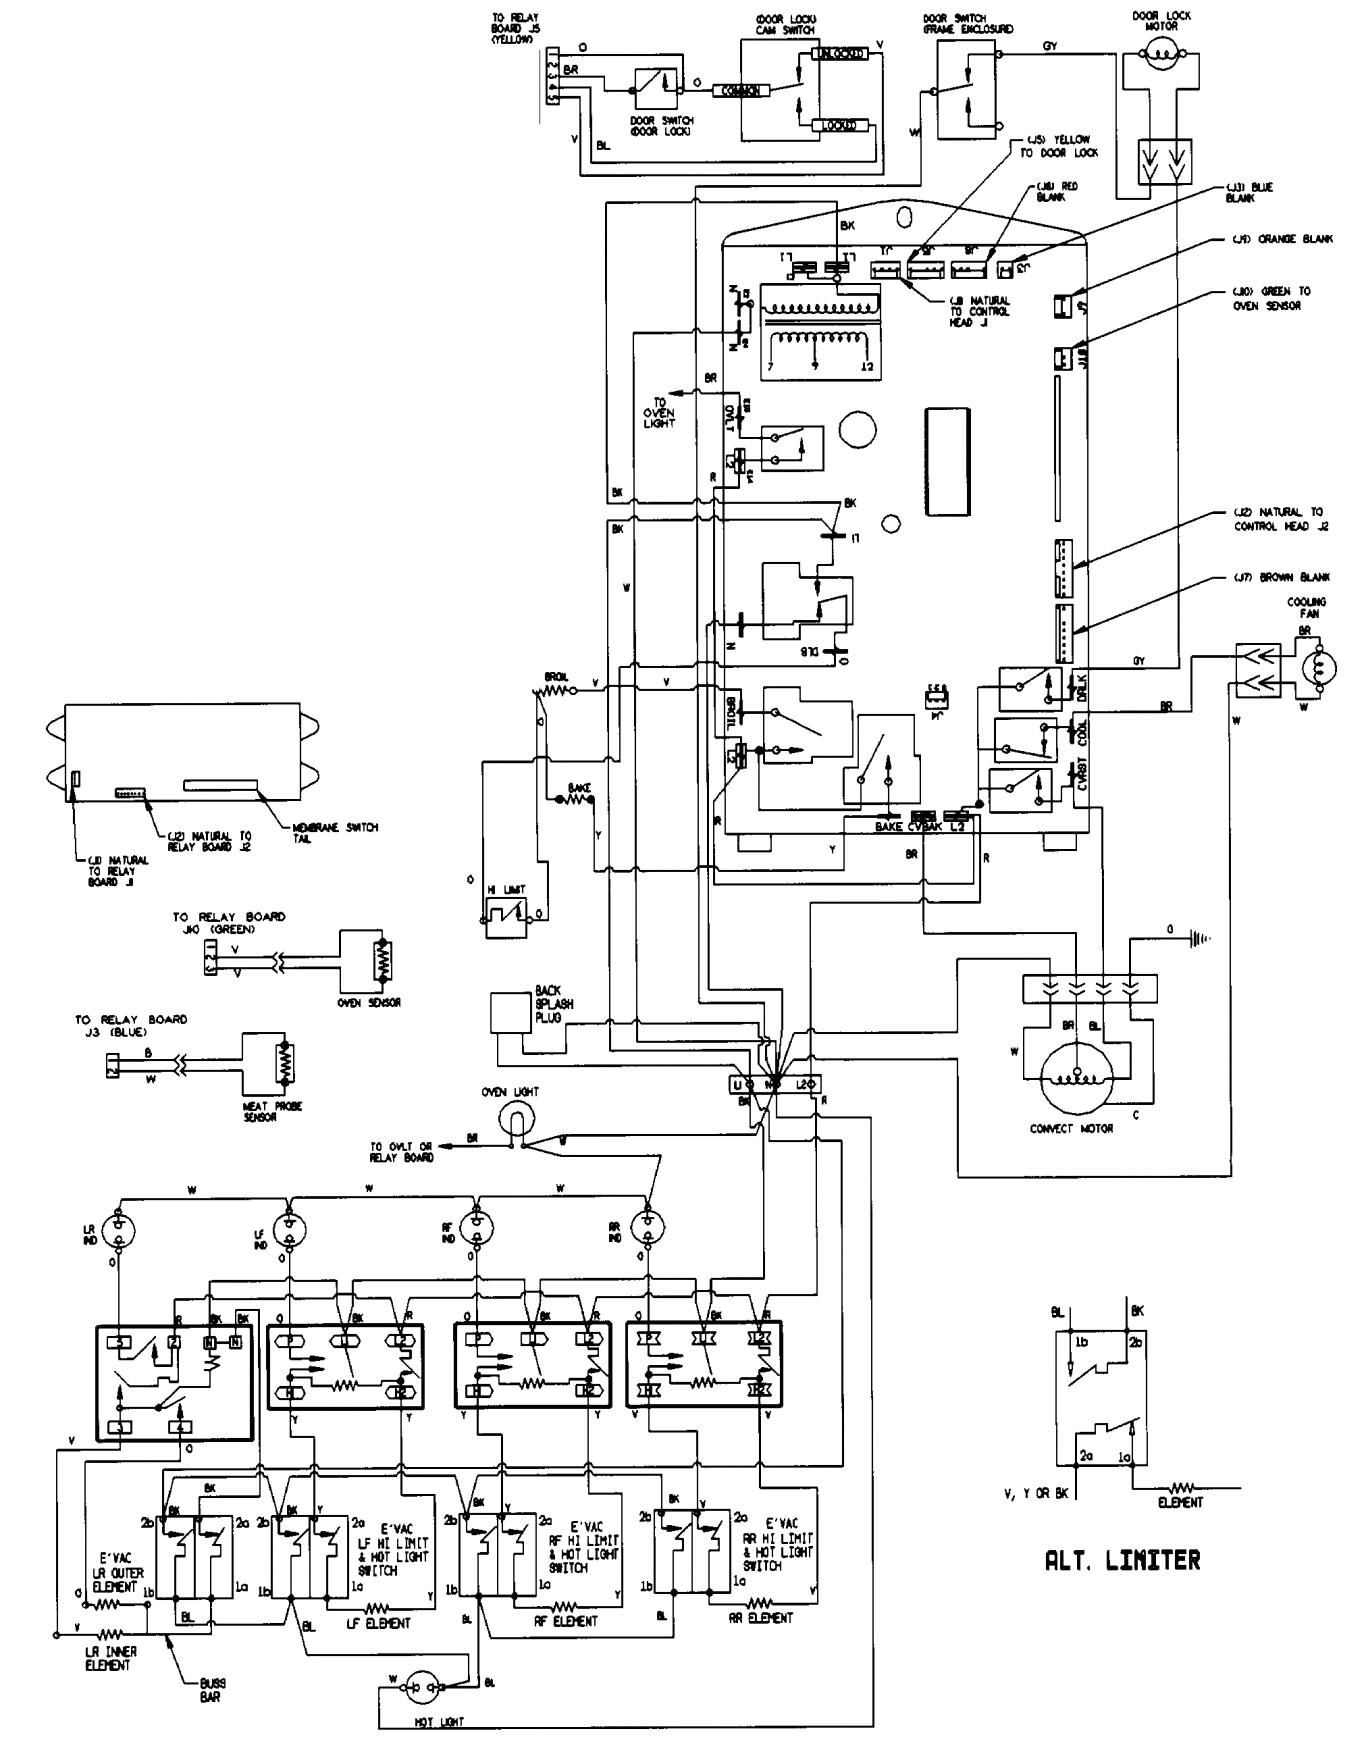 fridgemaster thermostat wiring diagram unique amana defrost timer wiring diagram smart wiring diagrams